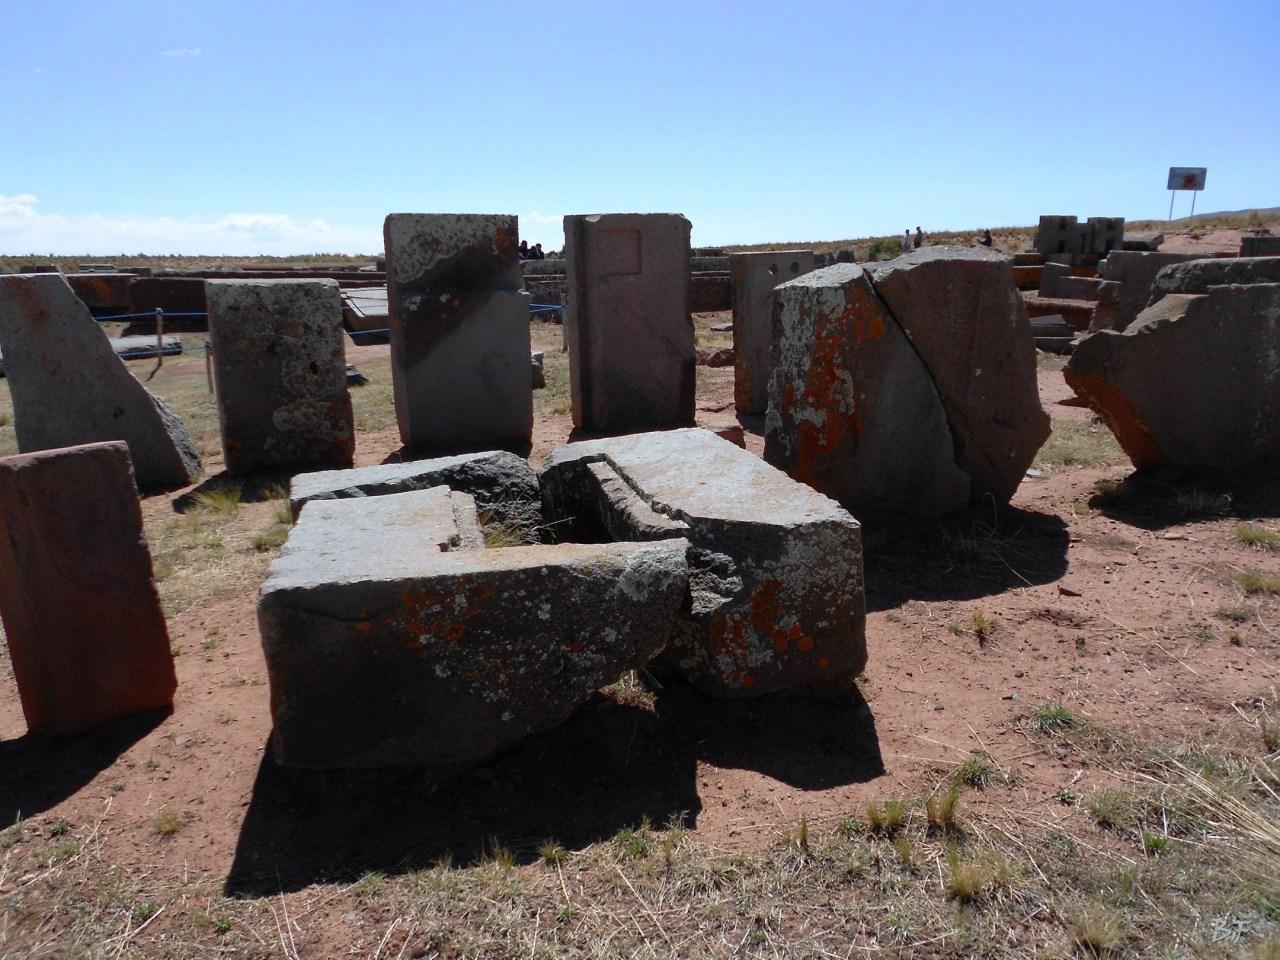 Puma-Punku-Area-Megalitica-Mura-Poligonali-Megaliti-Tiwanaku-Tiahuanaco-Bolivia-55